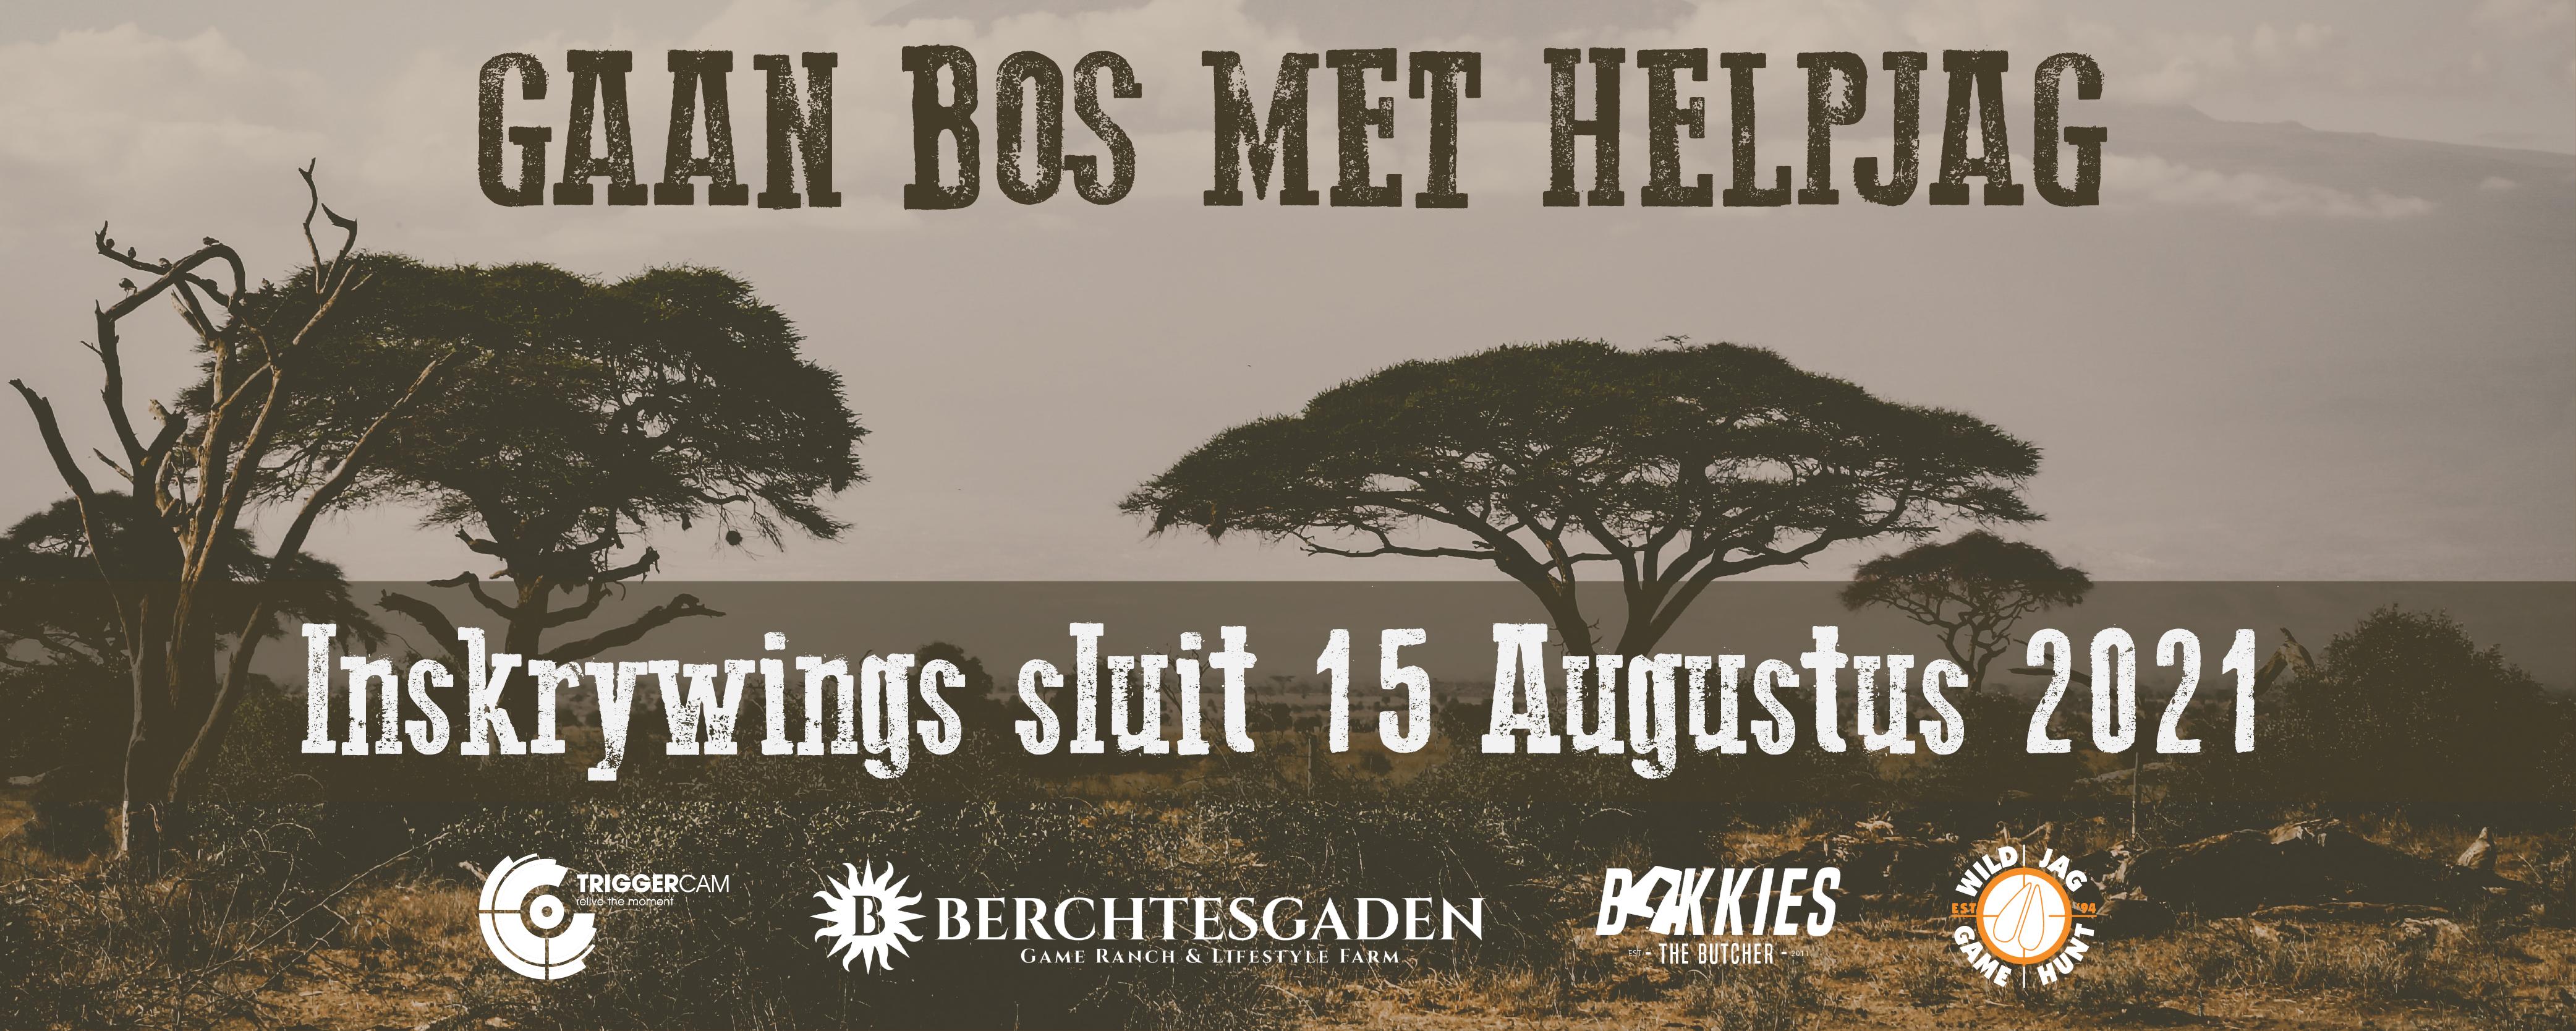 Gaan Bos webblad banners-01